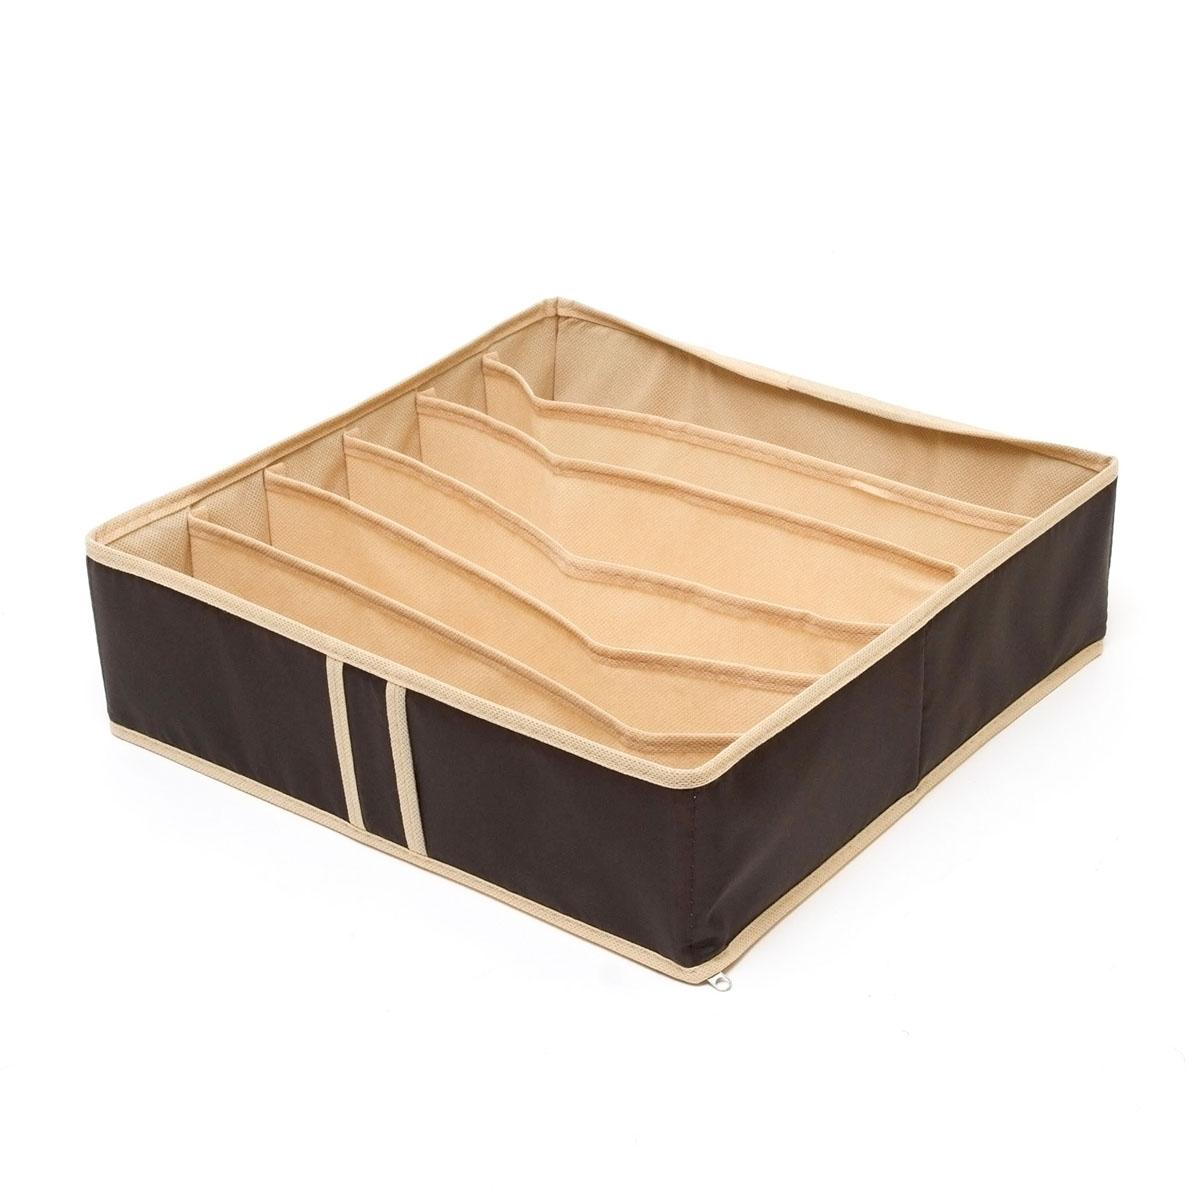 Органайзер для хранения Homsu Costa-Rica, 6 секций, 35 x 35 x 10 смHOM-43Компактный органайзер Homsu Costa-Rica изготовлен из высококачественного полиэстера, который обеспечивает естественную вентиляцию. Материал позволяет воздуху свободно проникать внутрь, но не пропускает пыль. Органайзер отлично держит форму, благодаря вставкам из плотного картона. Изделие имеет 6 секций для хранения носков, платков, галстуков и других вещей.Такой органайзер позволит вам хранить вещи компактно и удобно.Размер секции: 32 х 5 см.